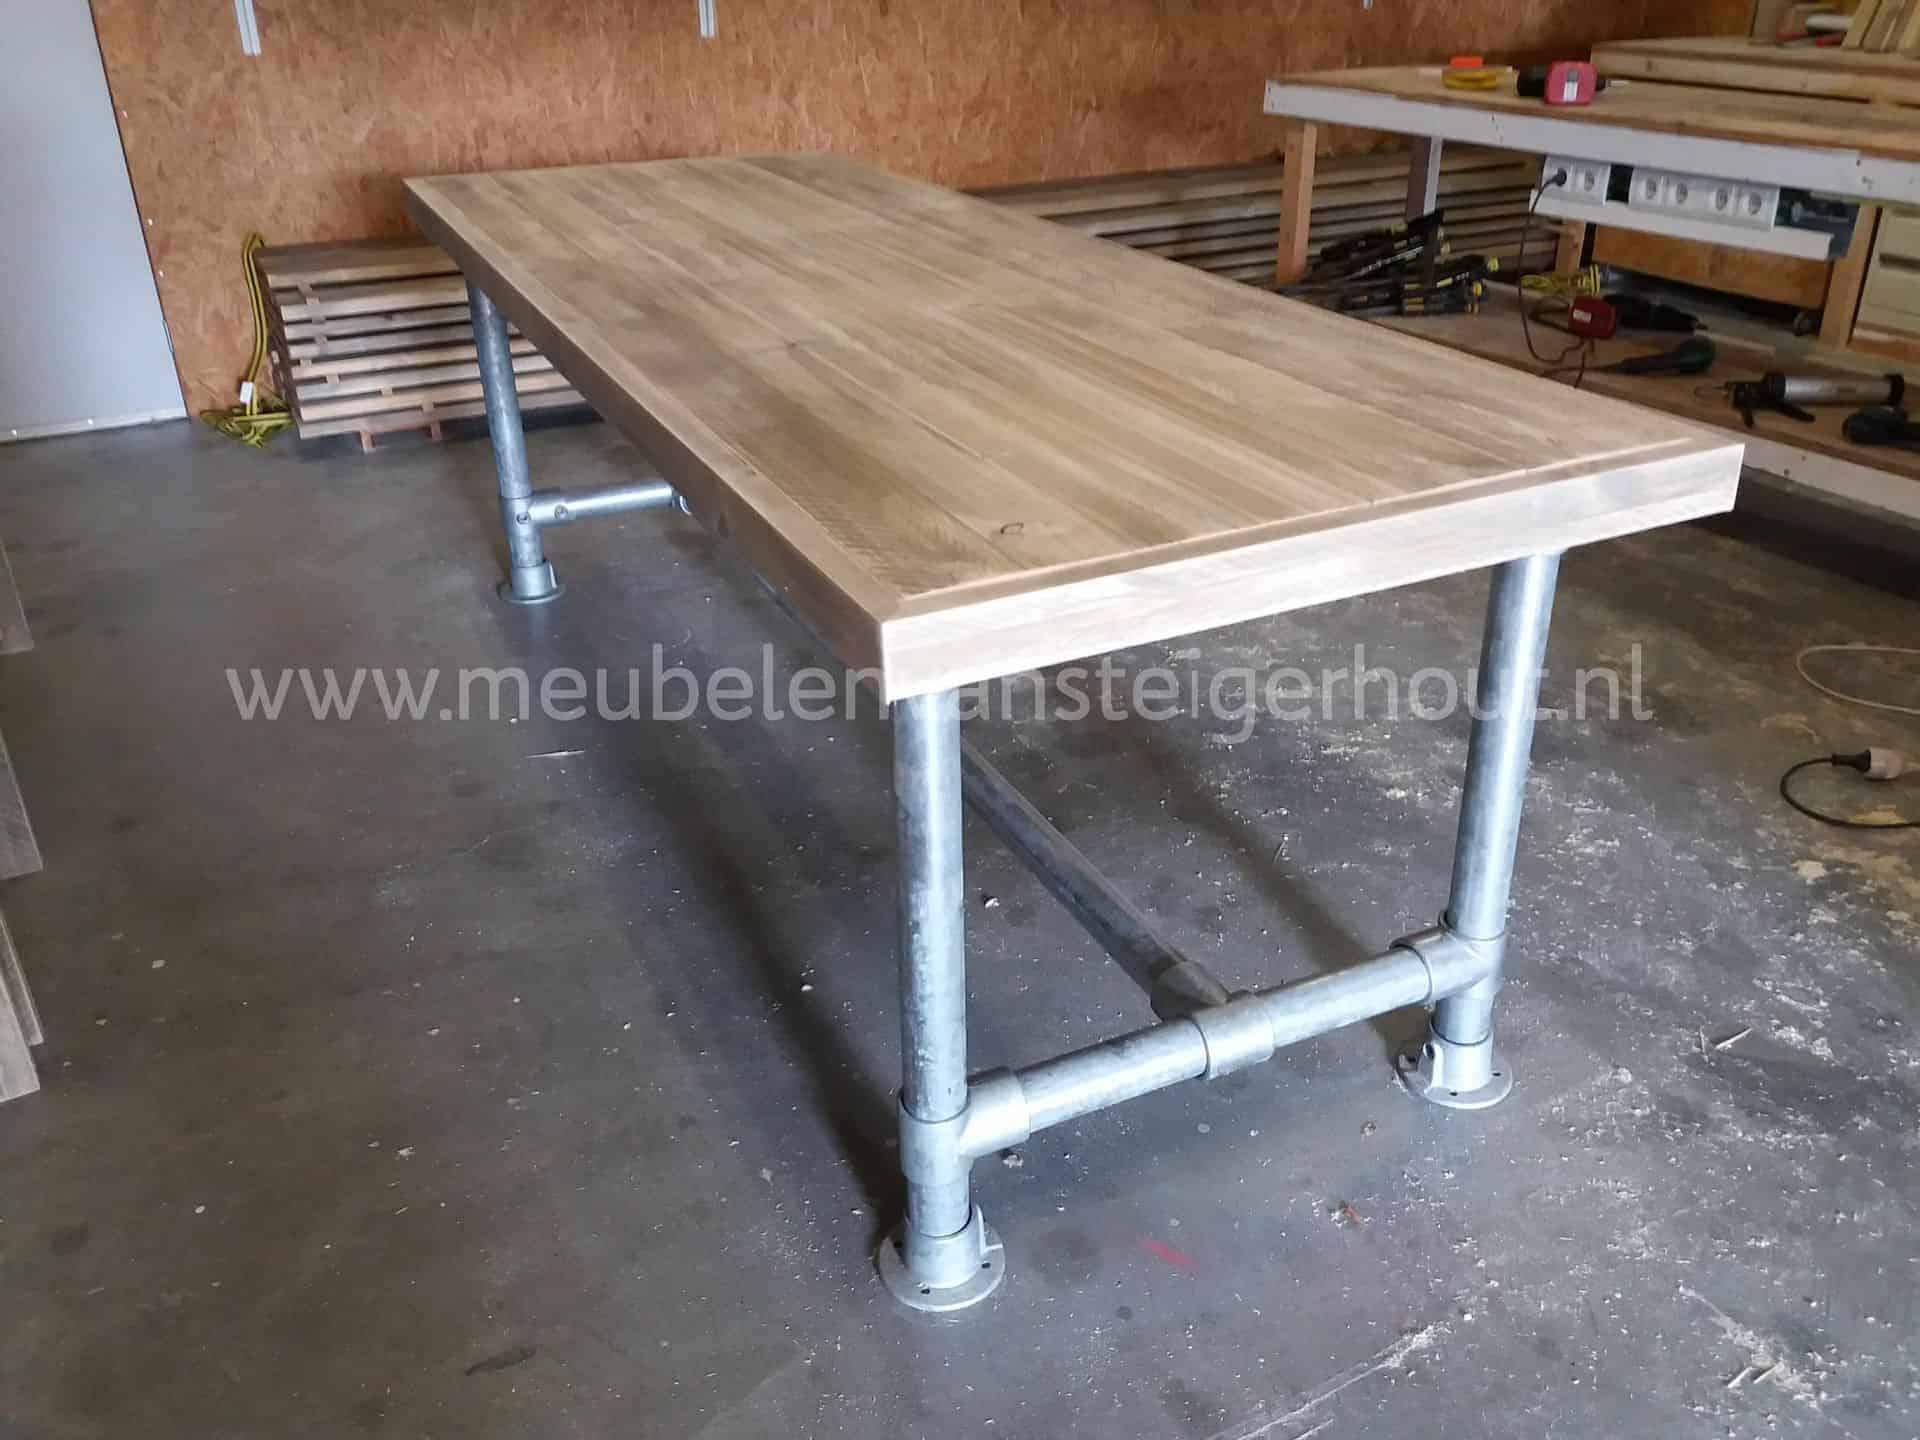 Meubels Met Steigerbuizen : Steigerhouten bureau met steigerbuis meubelen van steigerhout